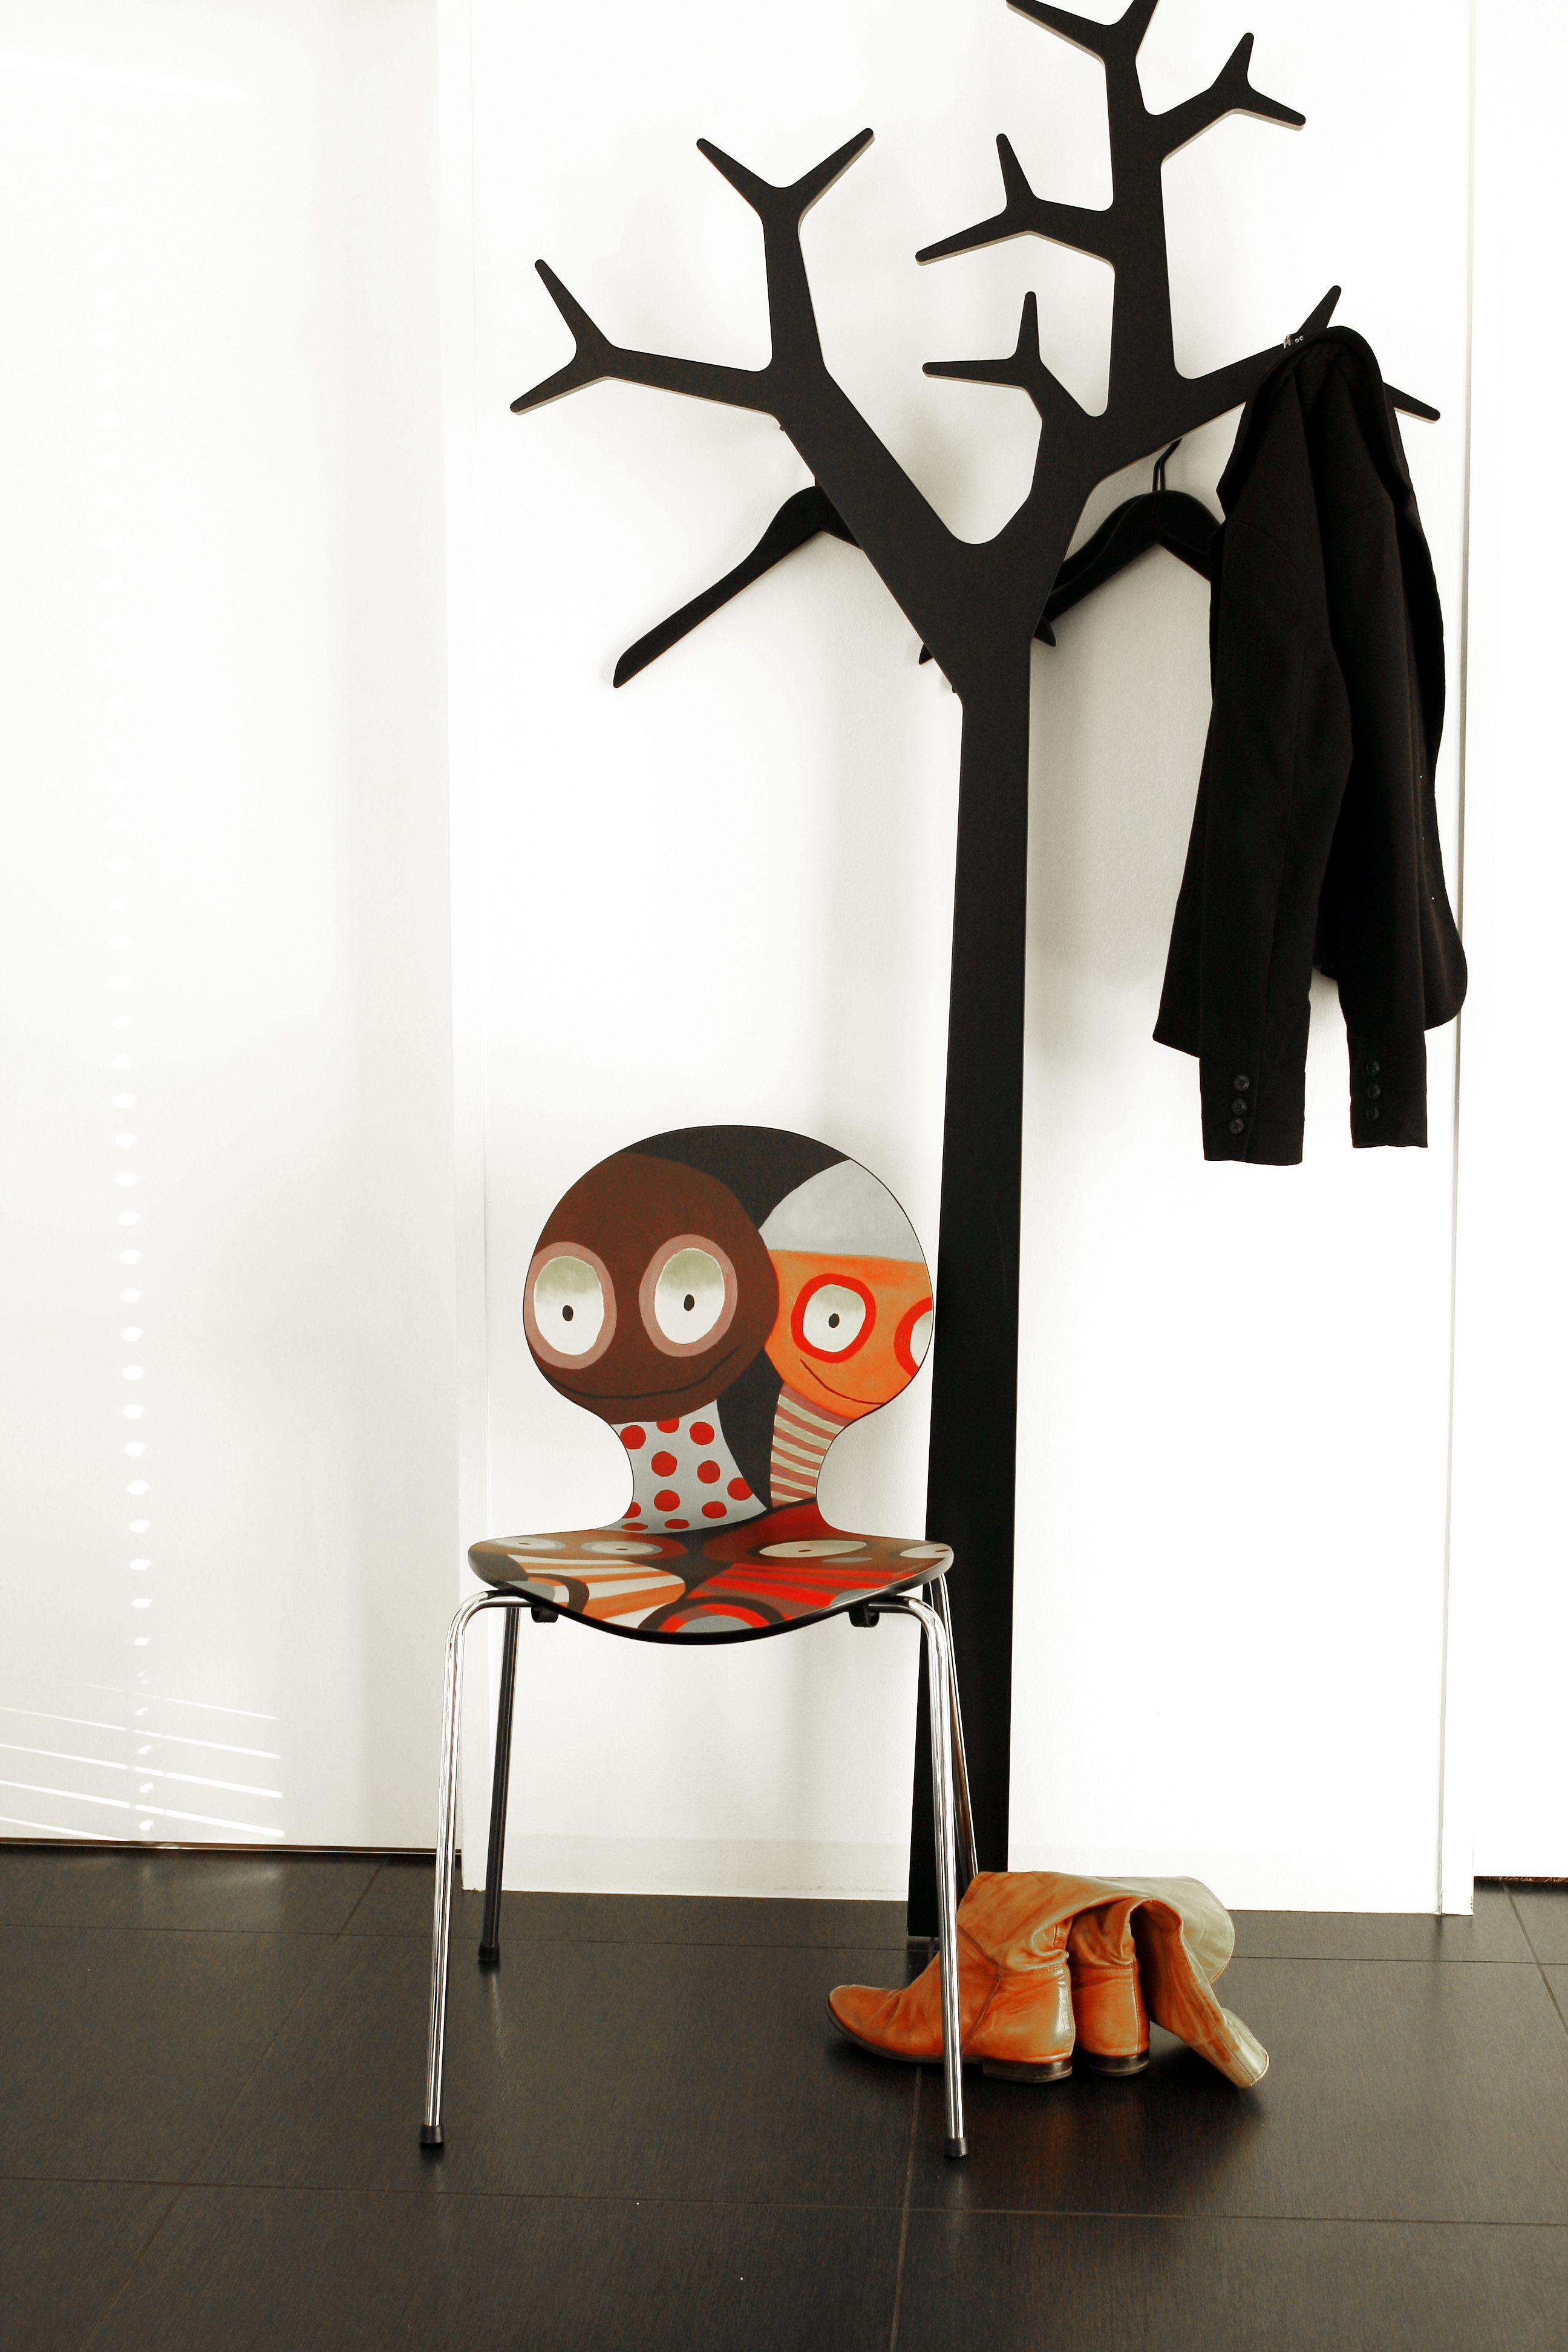 Skab glade rum med en kunststol fra kunstneren Janne Jacobsen. Se mere info på www.onecoolchair.dk